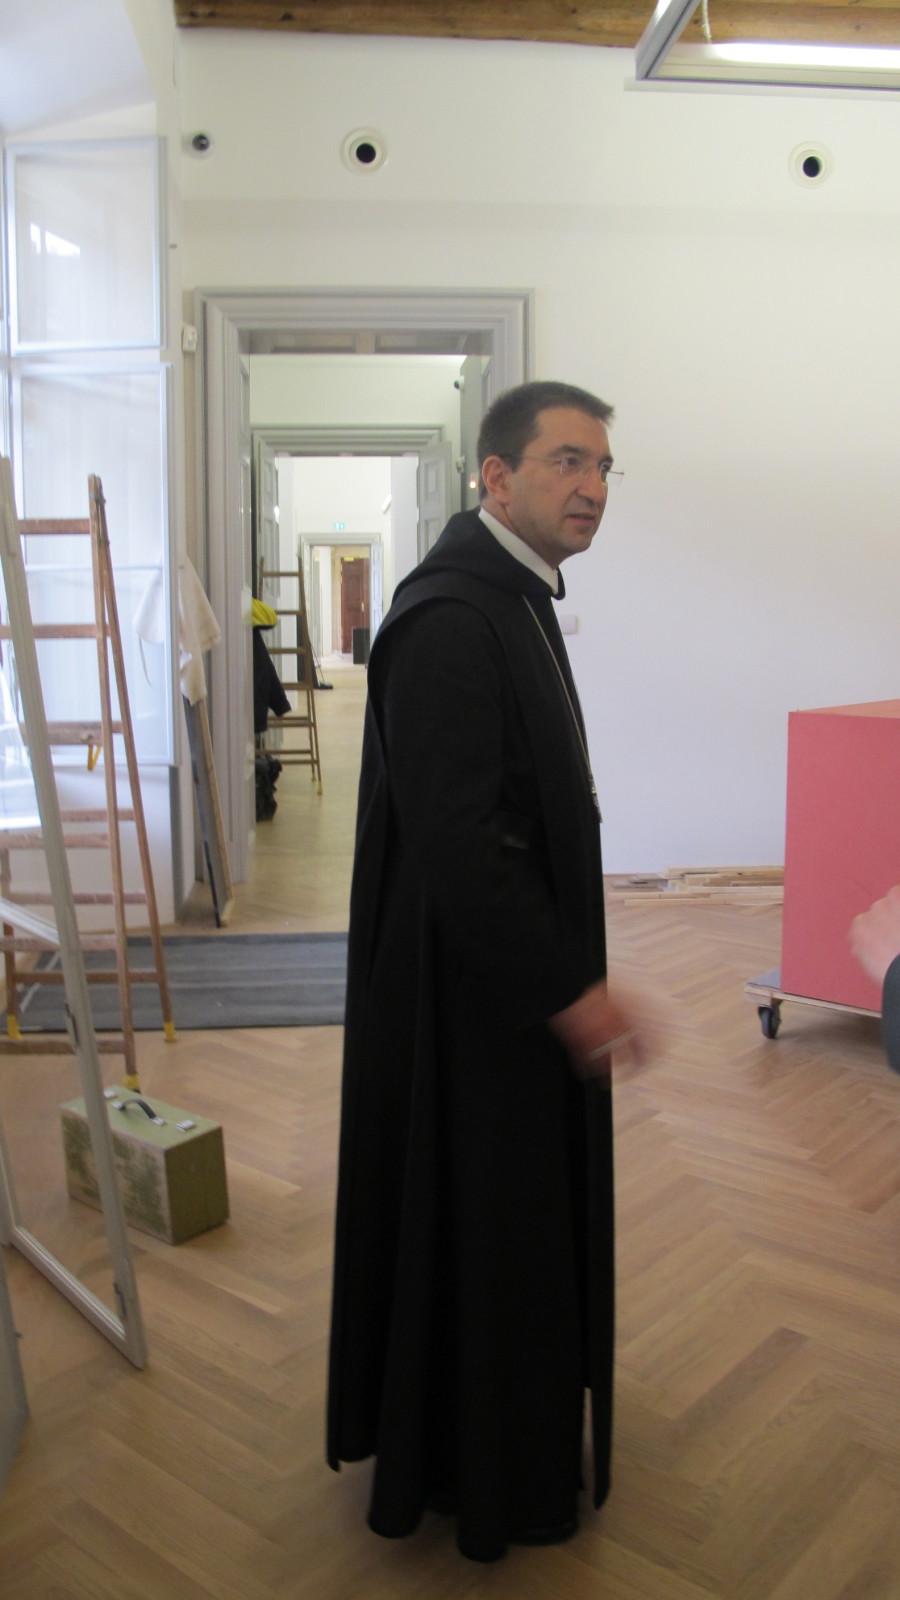 Noch ist viel zu tun bis zur Eröffnung des DomQuartiers - auch für Erzabt Korbinian.